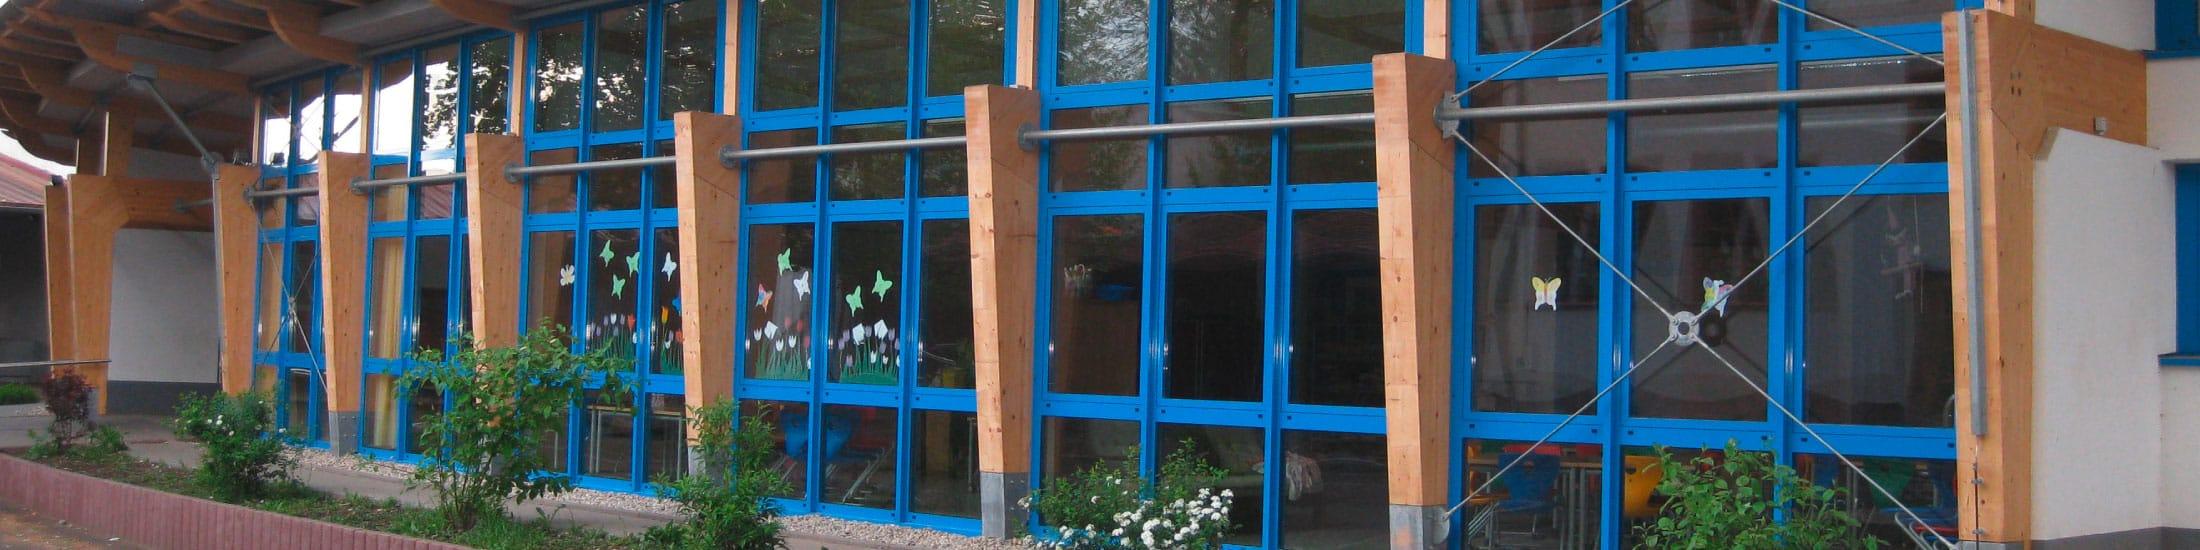 Objektbau, Gewerbebau Bauunternehmen Saarlouis